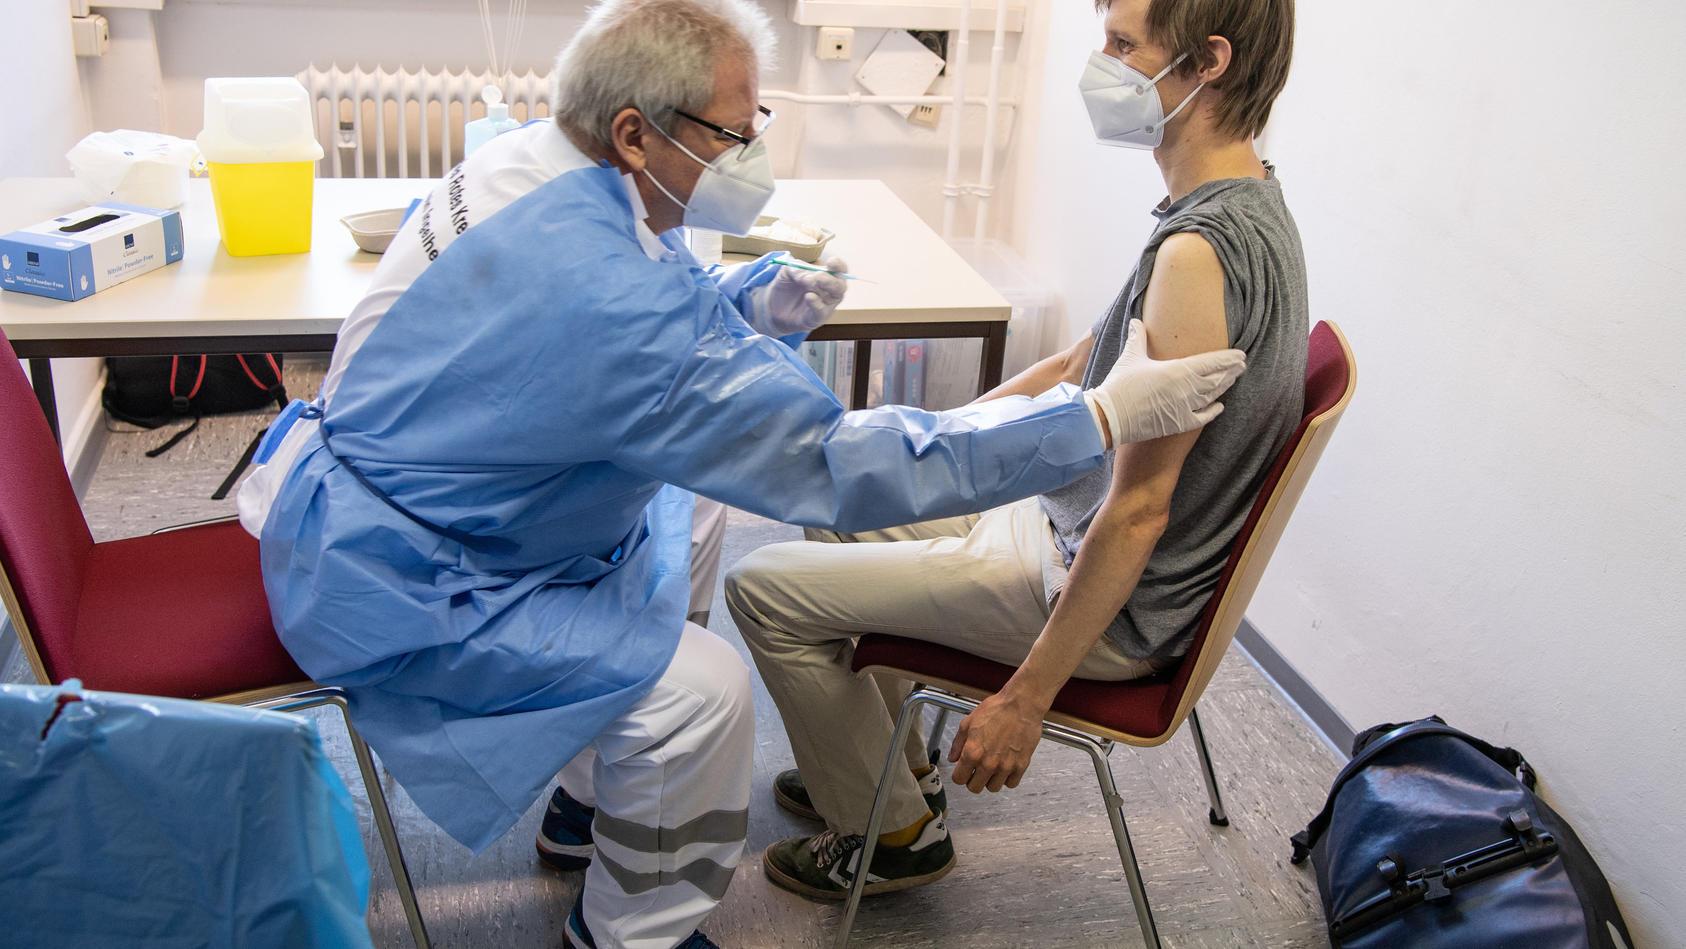 Impfaktion für Studenten in Mainz